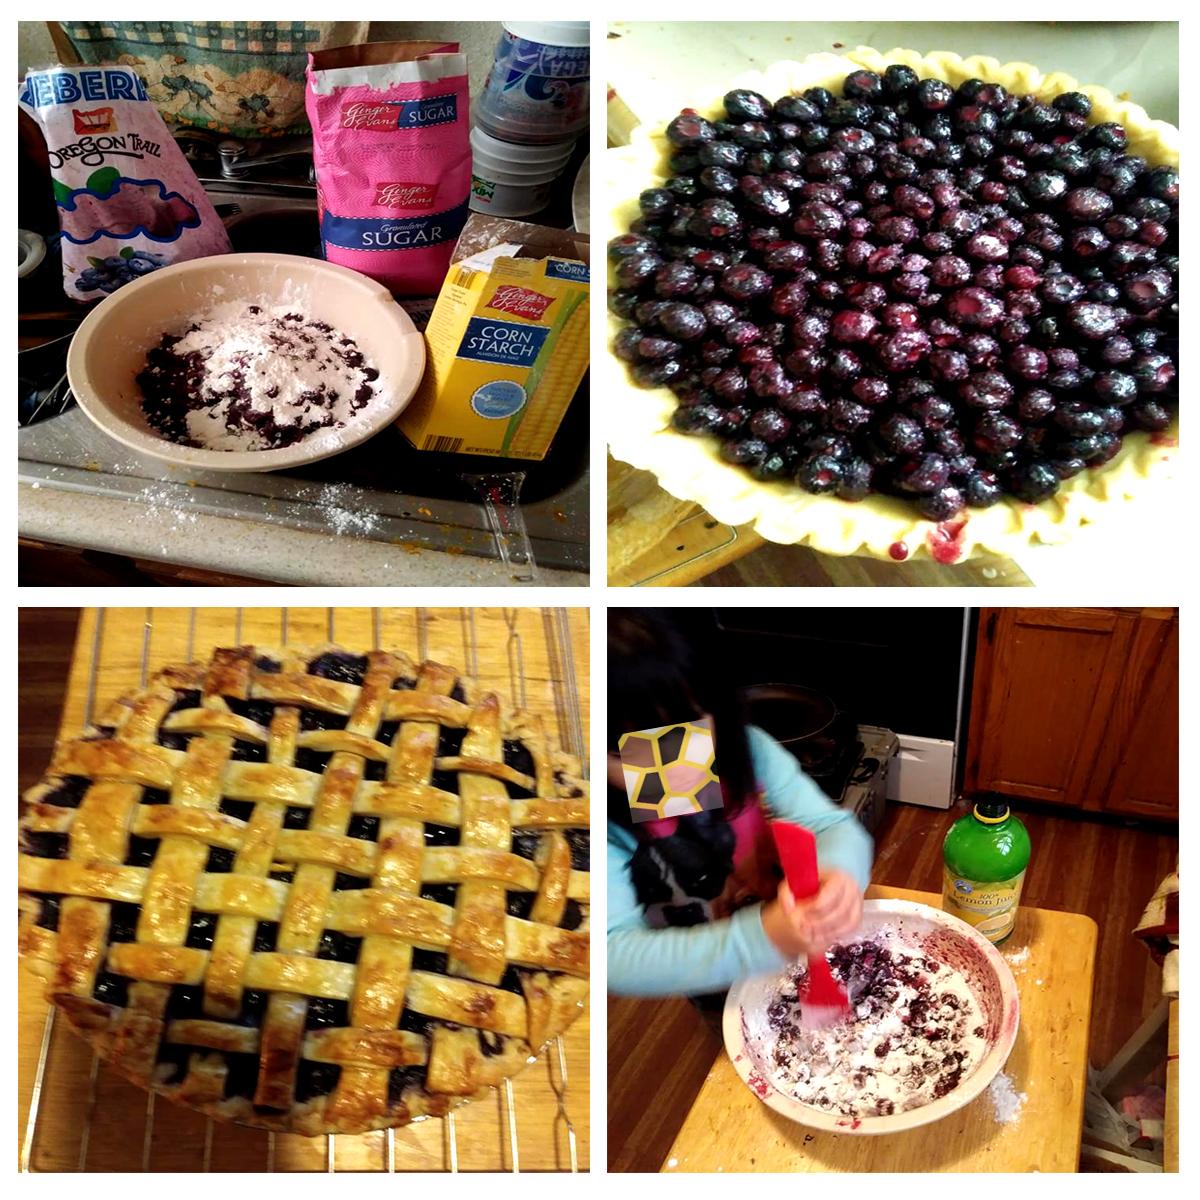 Blueberry Pie with Frozen Berries JC Salazar